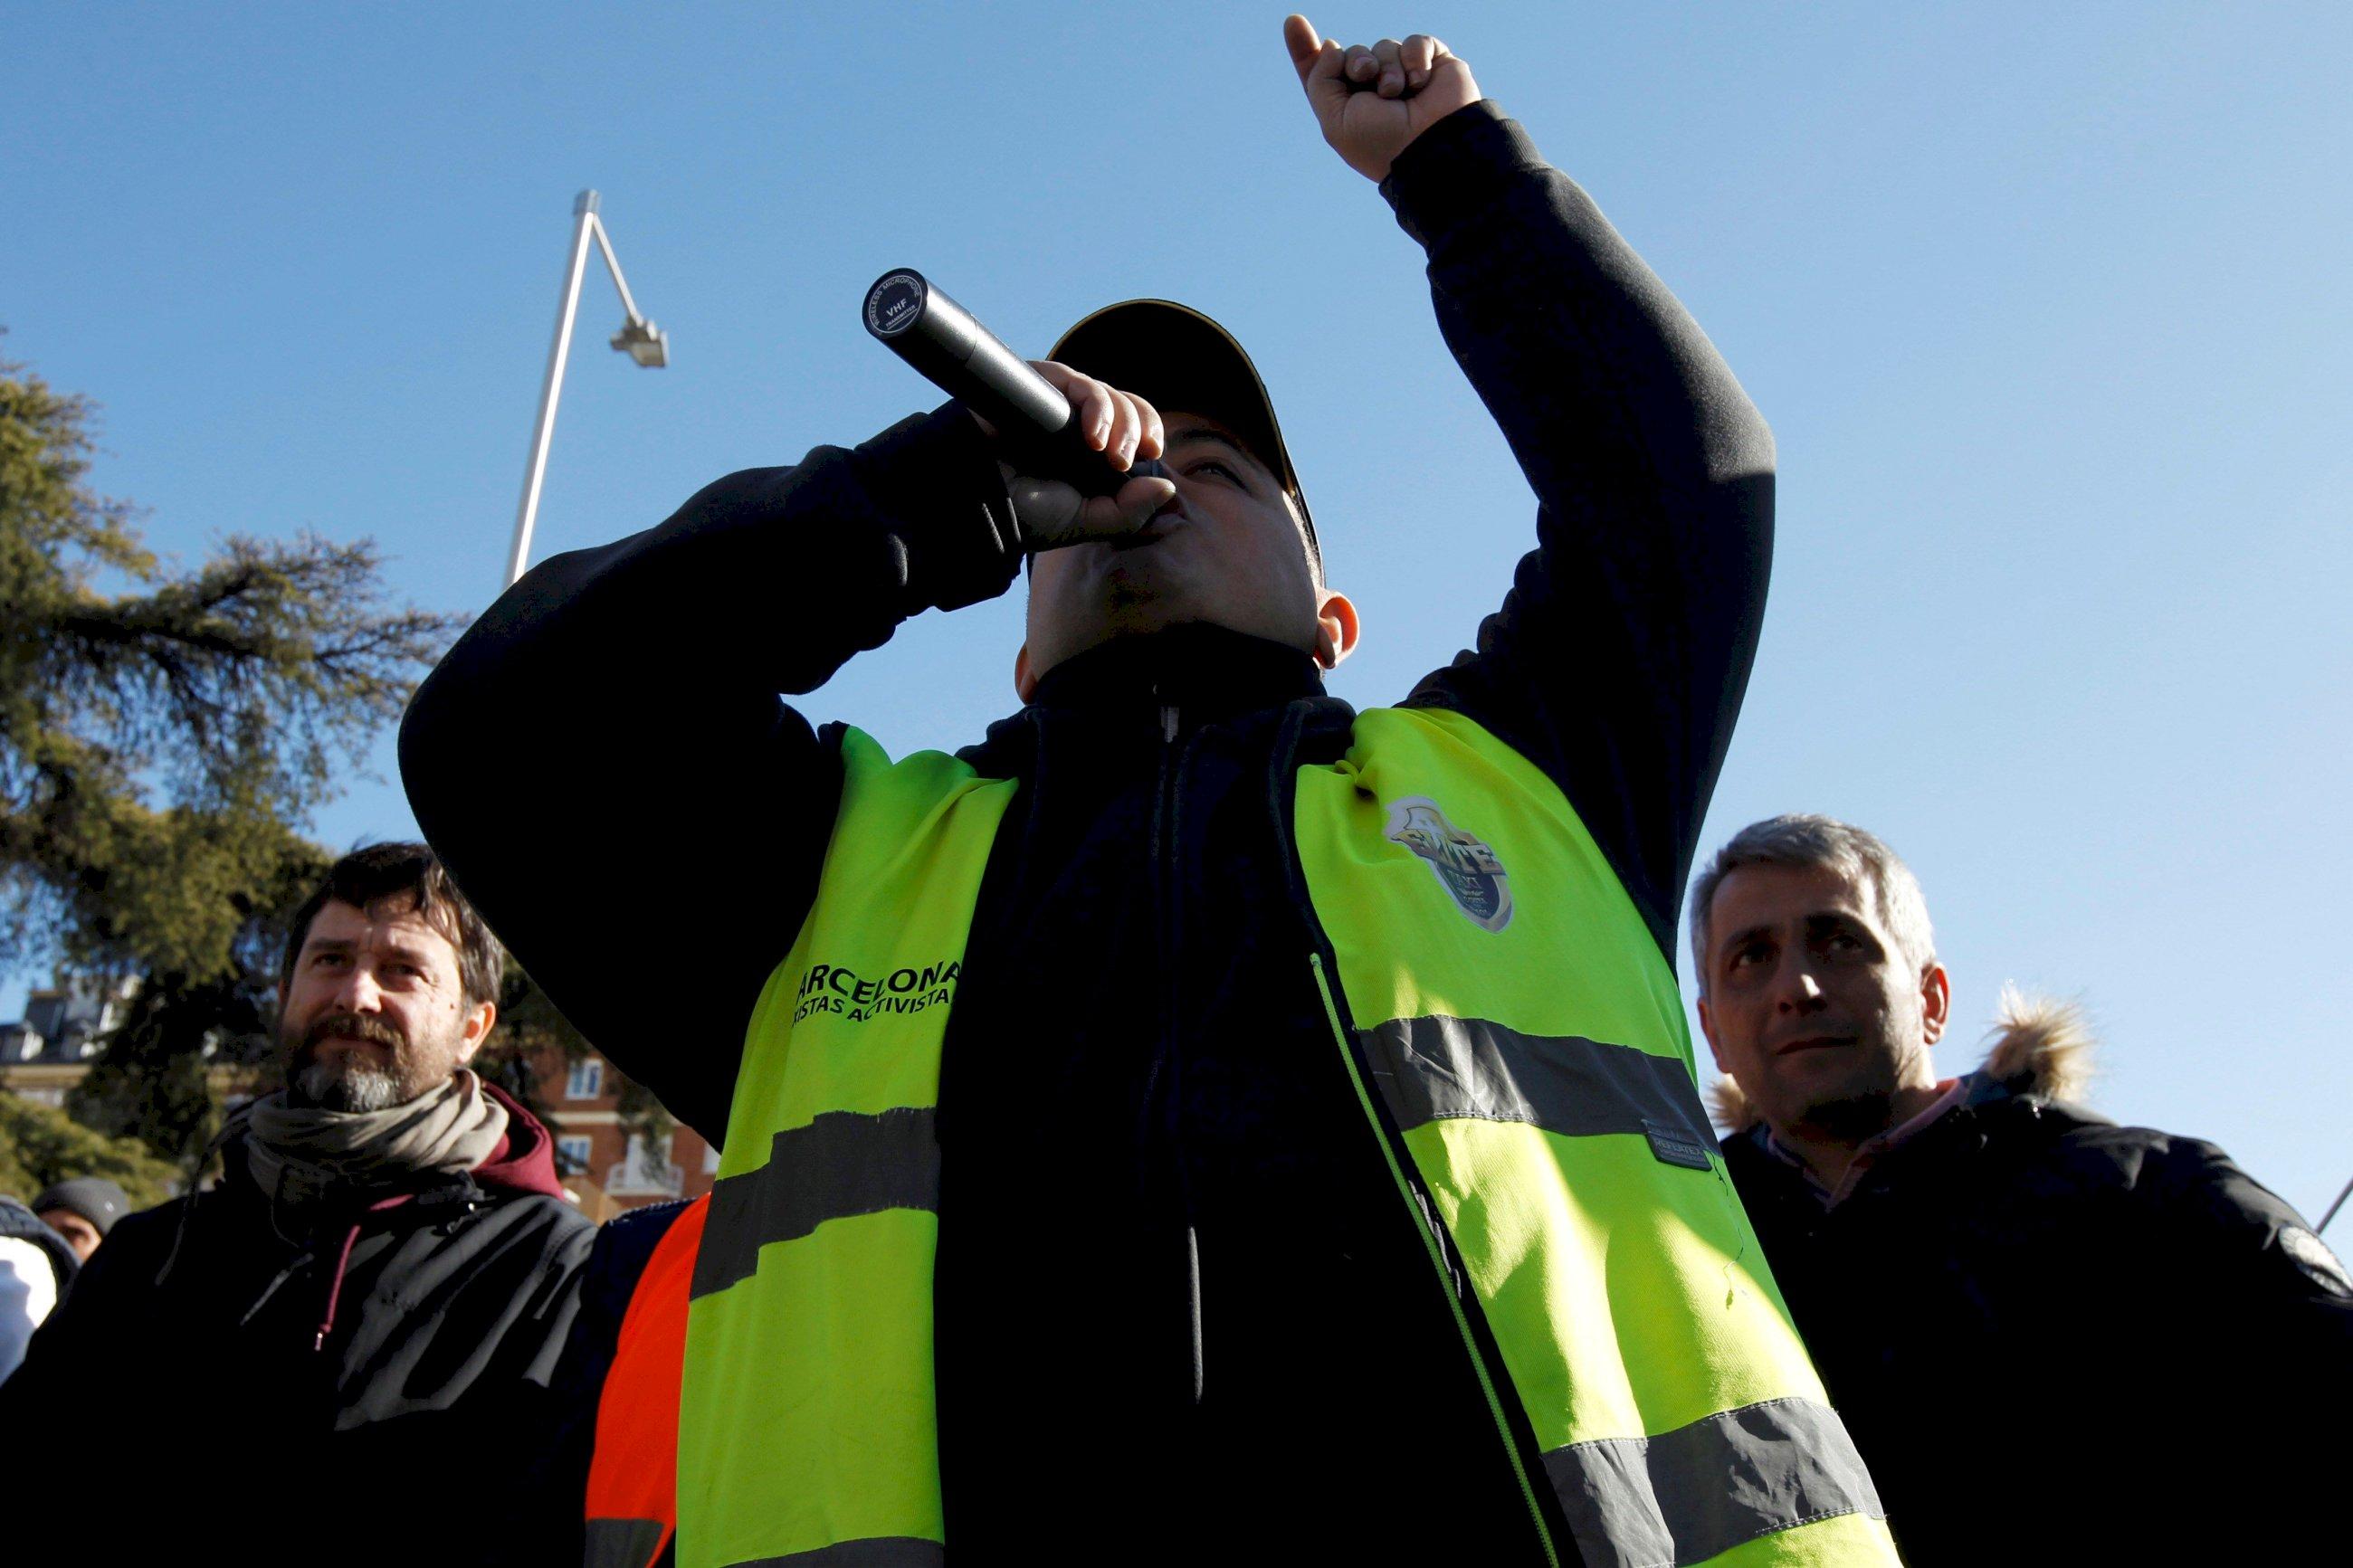 Guerra civil en el taxi: traiciones, insultos y líderes caídos